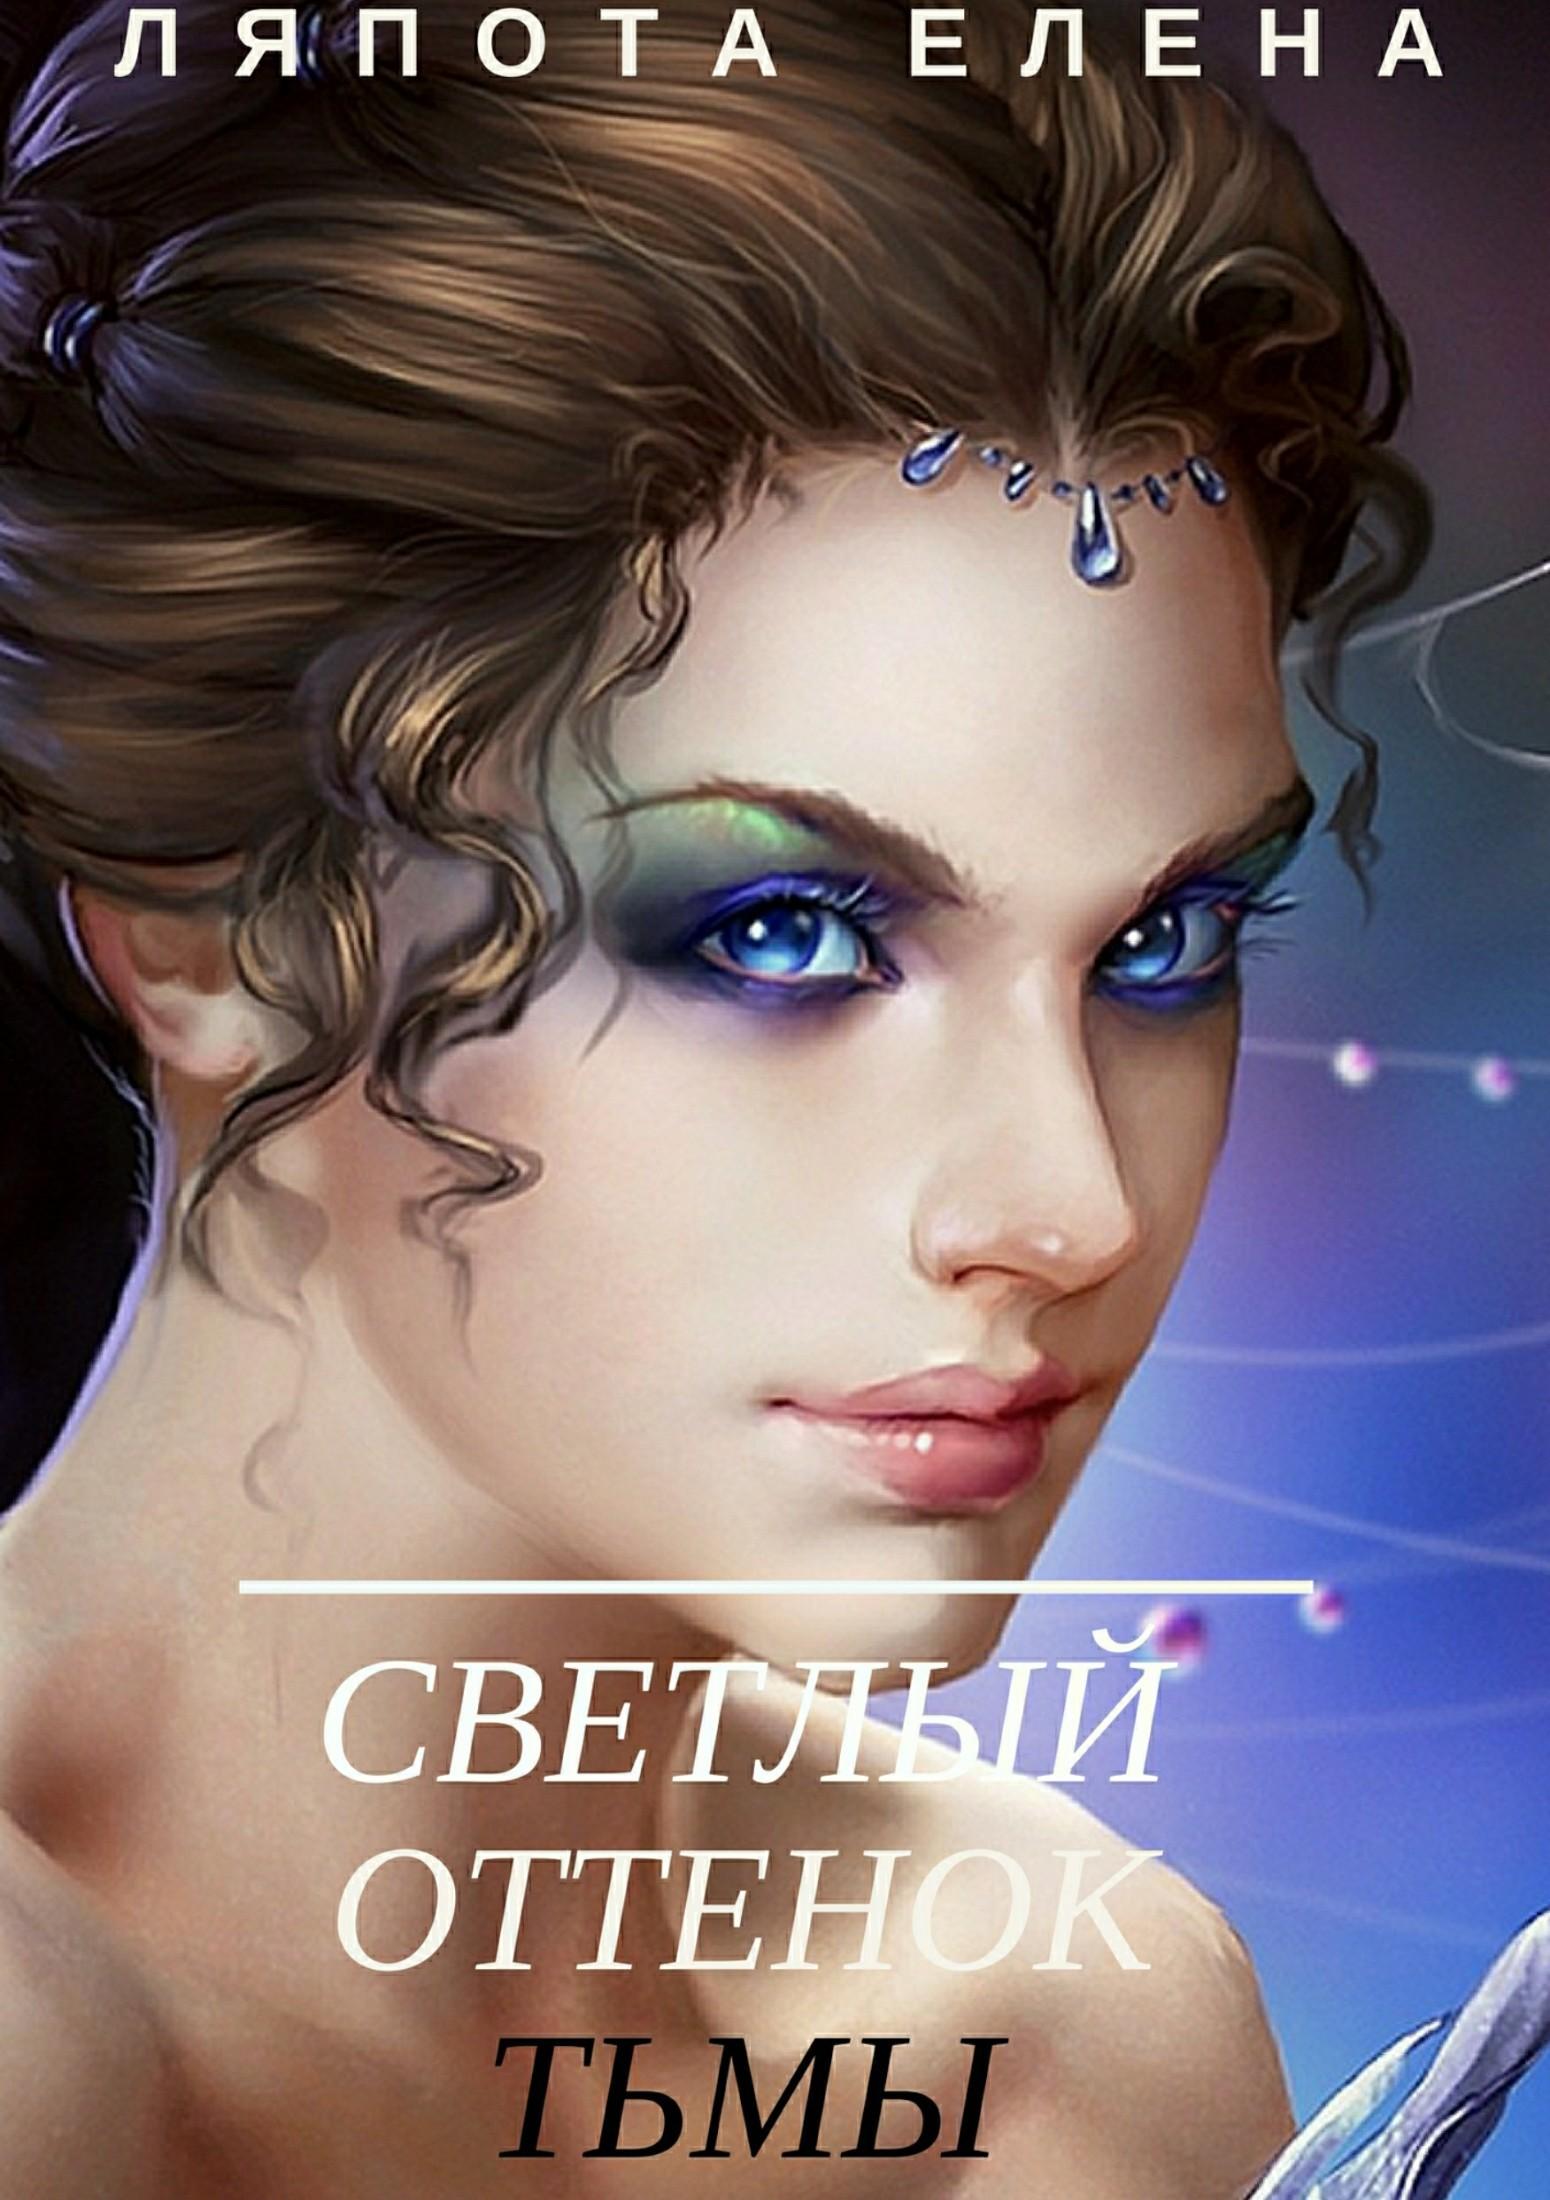 Елена Михайловна Ляпота. Светлый оттенок тьмы